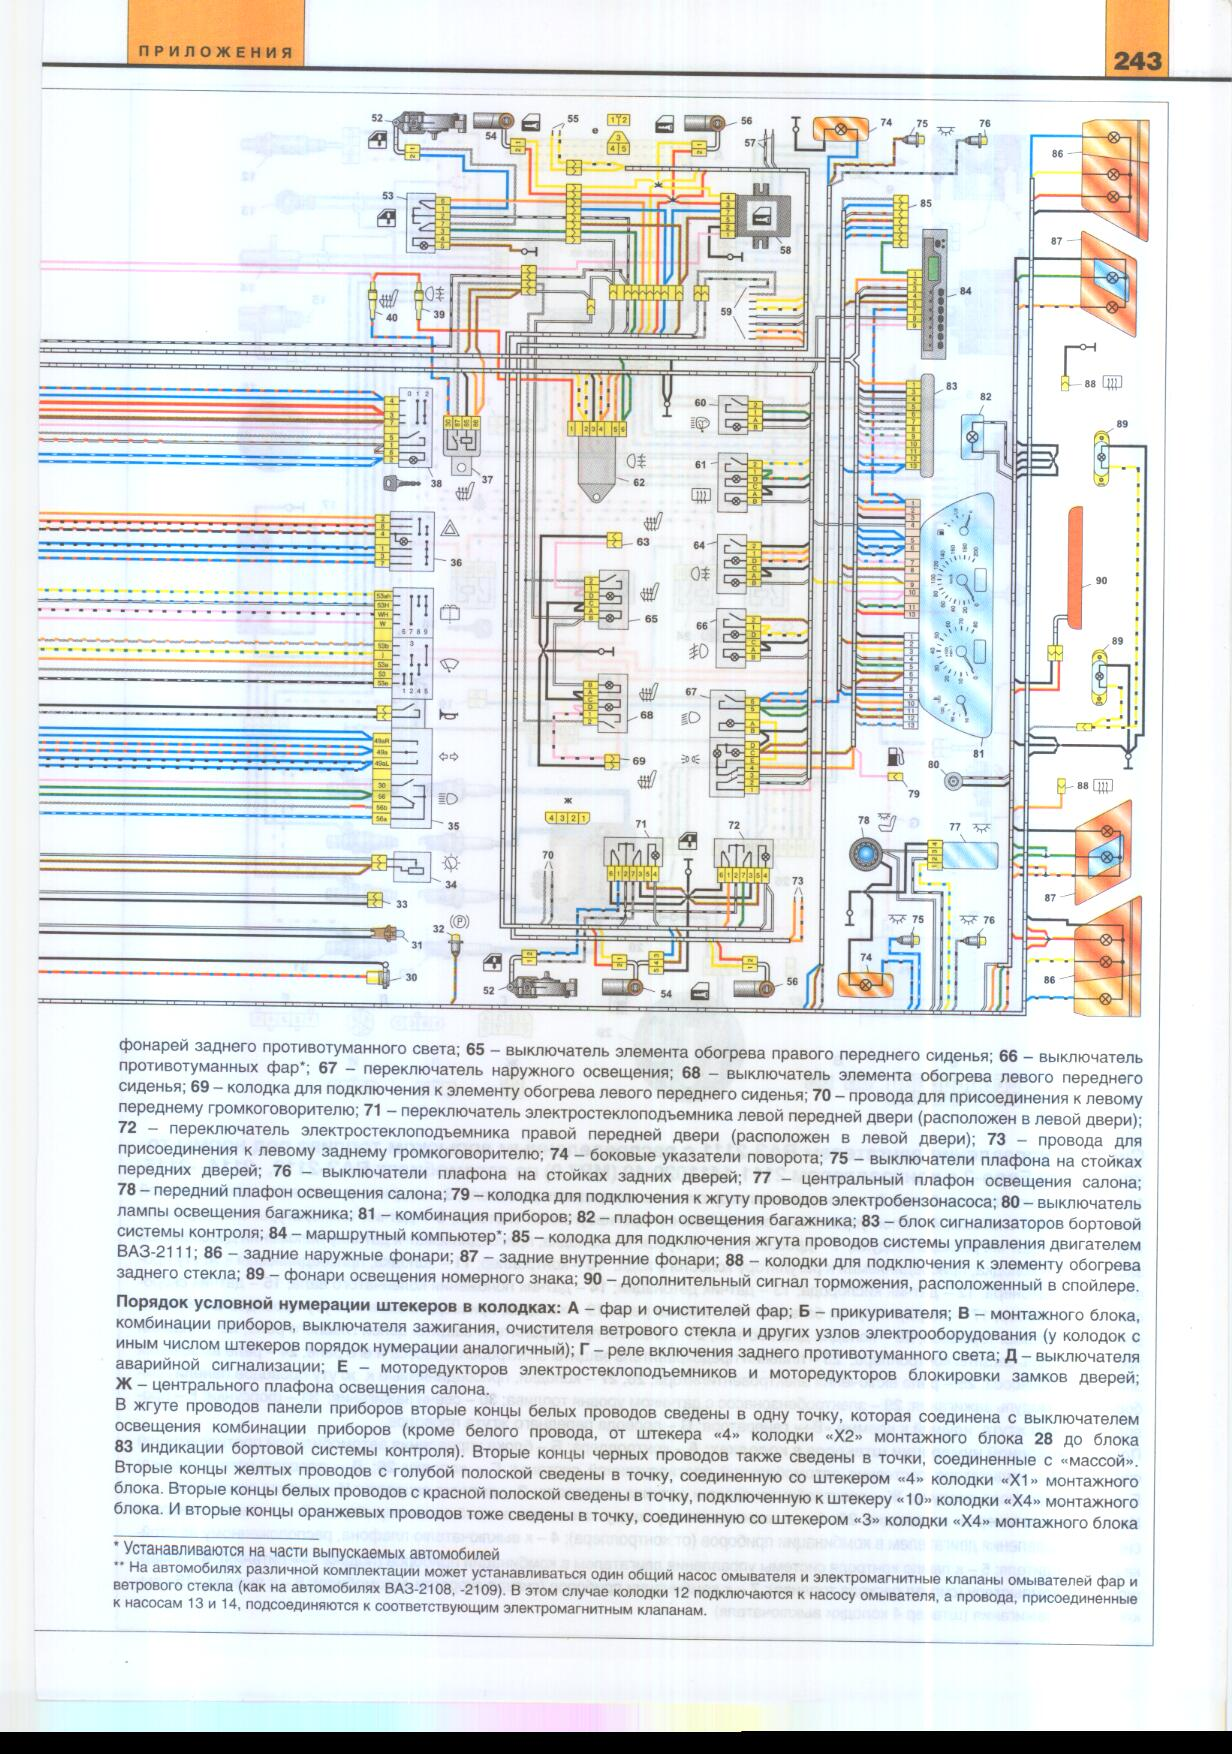 Схема подключения блок индикации бортовой системы контроля на ваз 2110